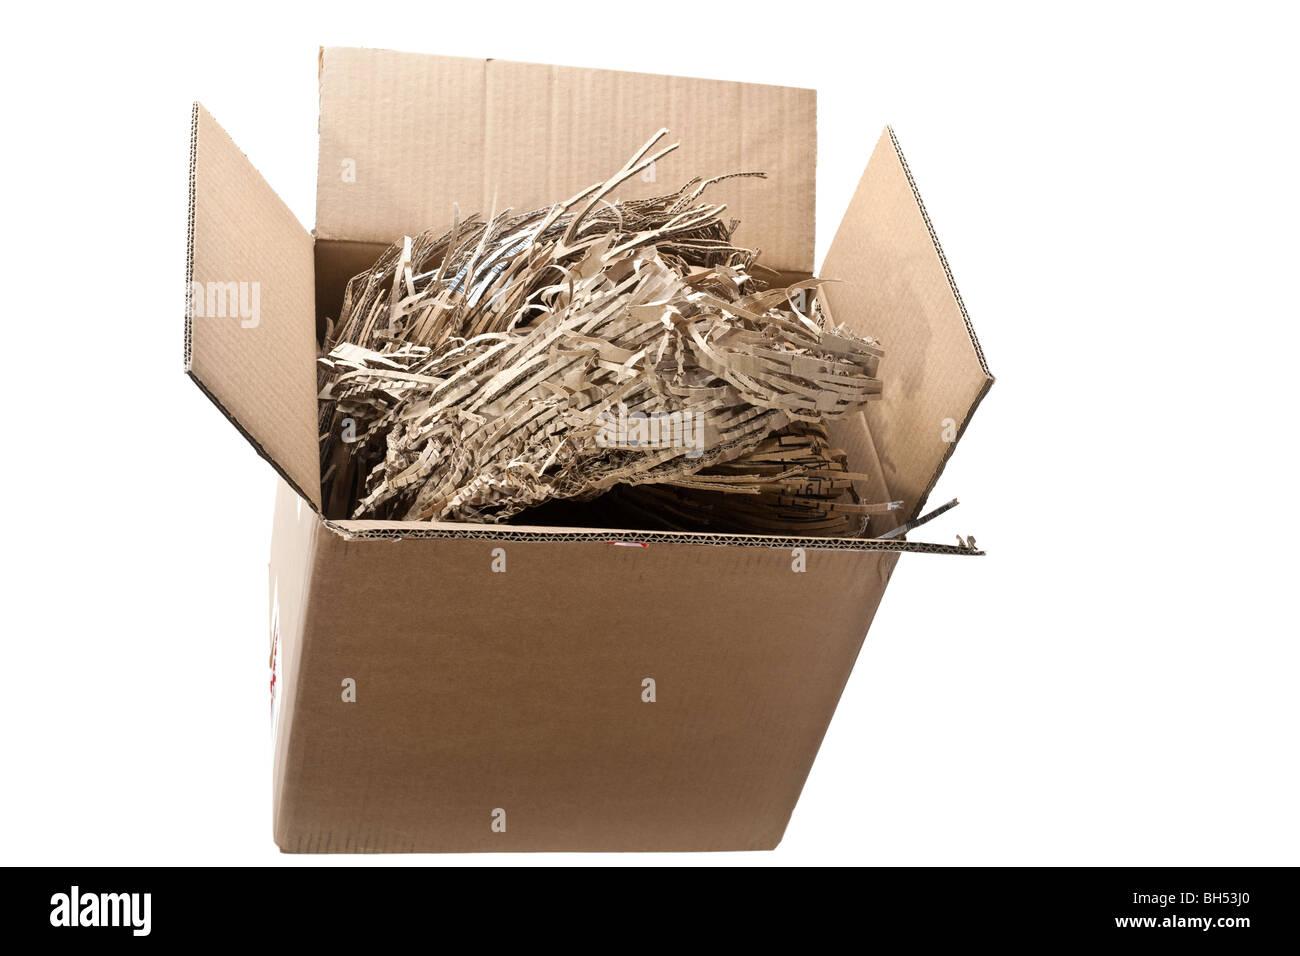 Scatola di cartone piena di shredded cartone riciclato materiale di imballaggio Immagini Stock